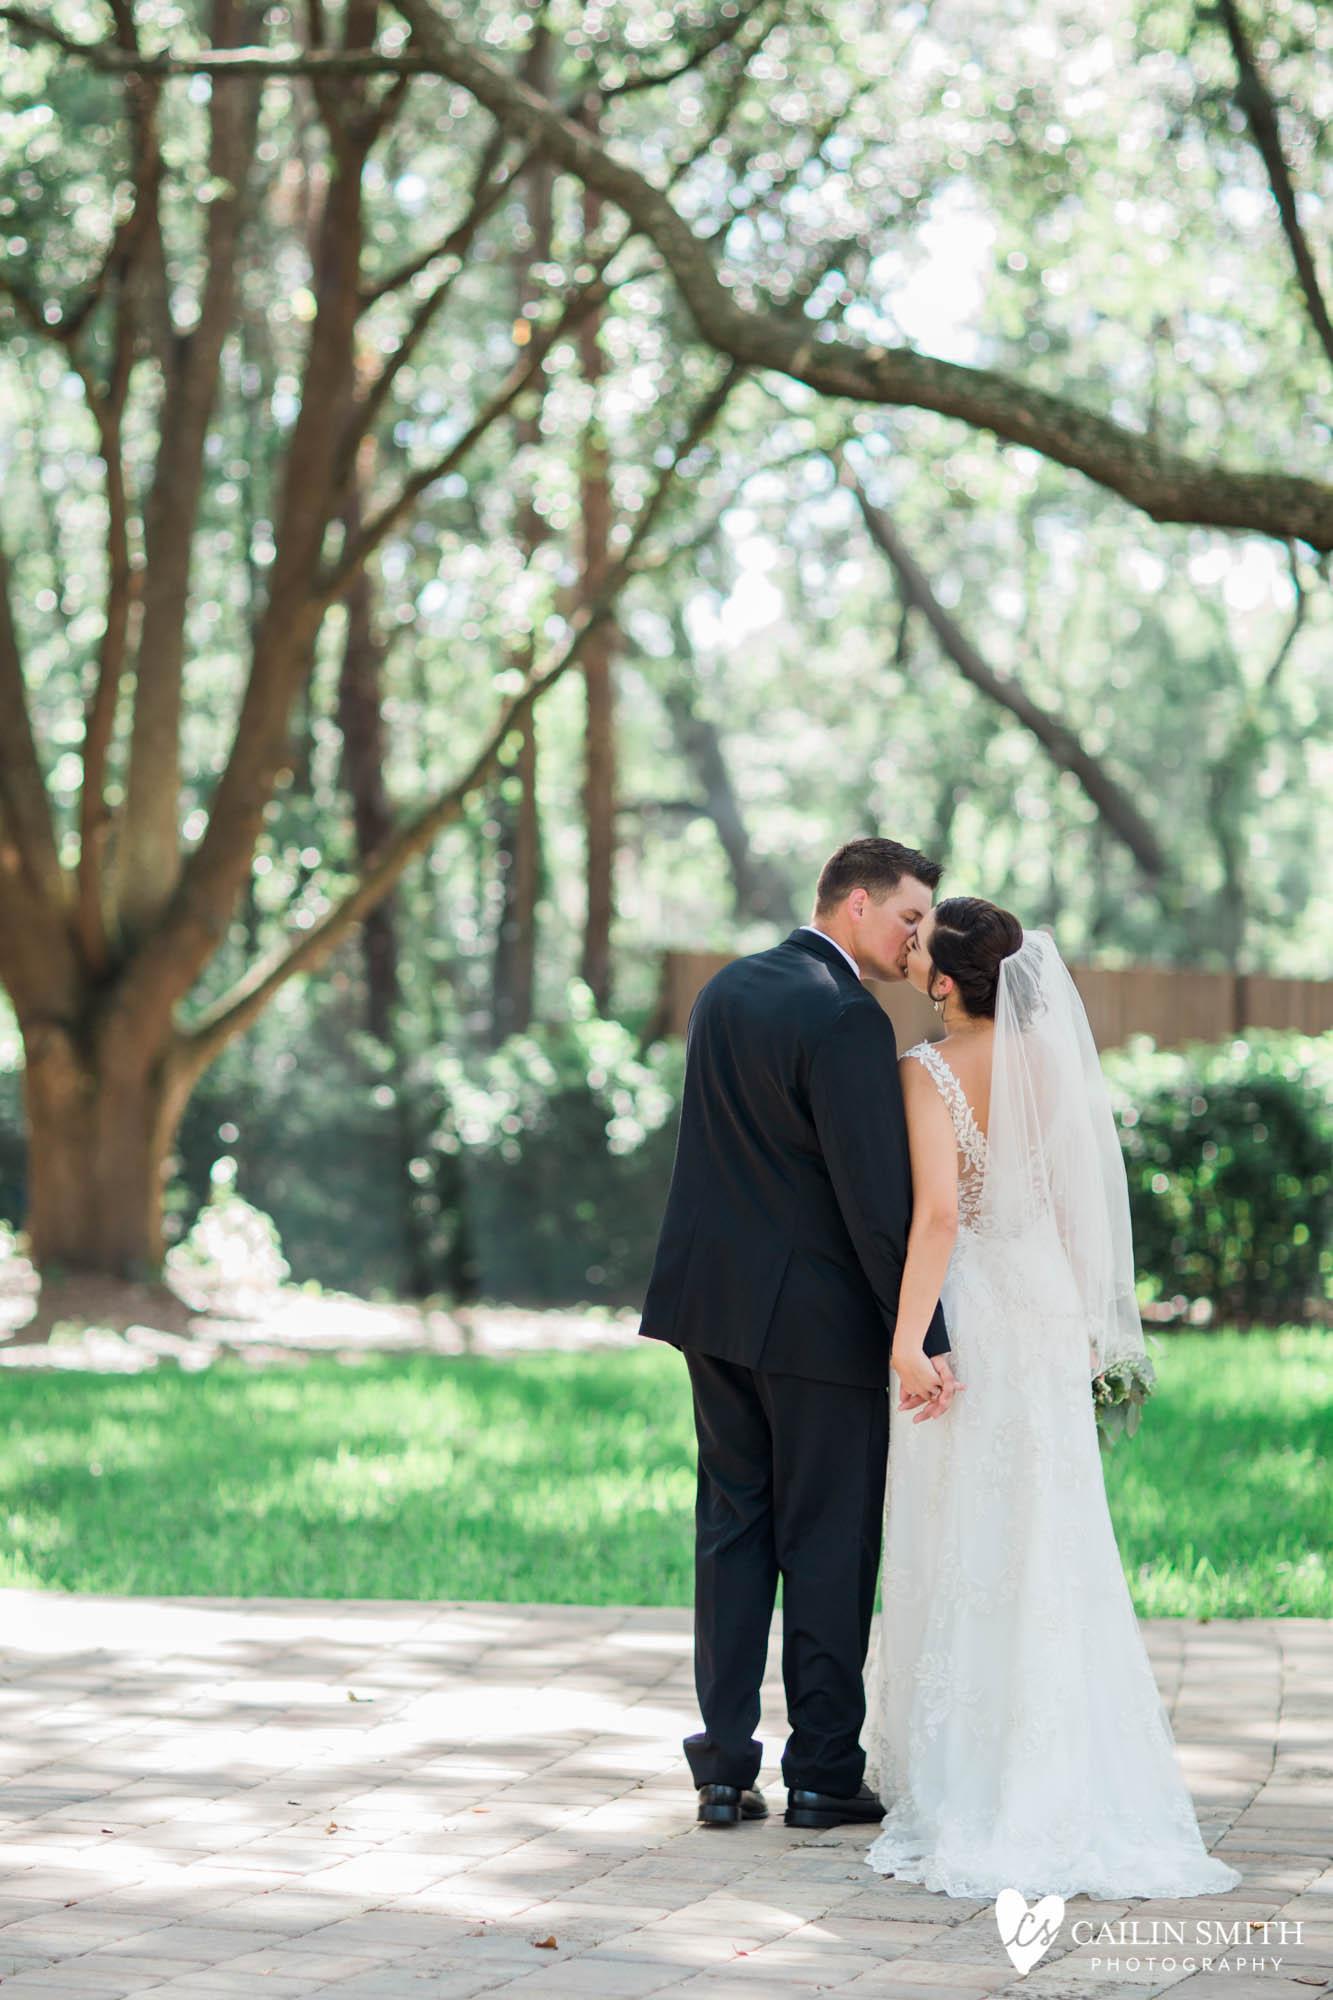 Bethany_Kyle_Bowing_Oaks_Plantation_Wedding_Photography_0044.jpg